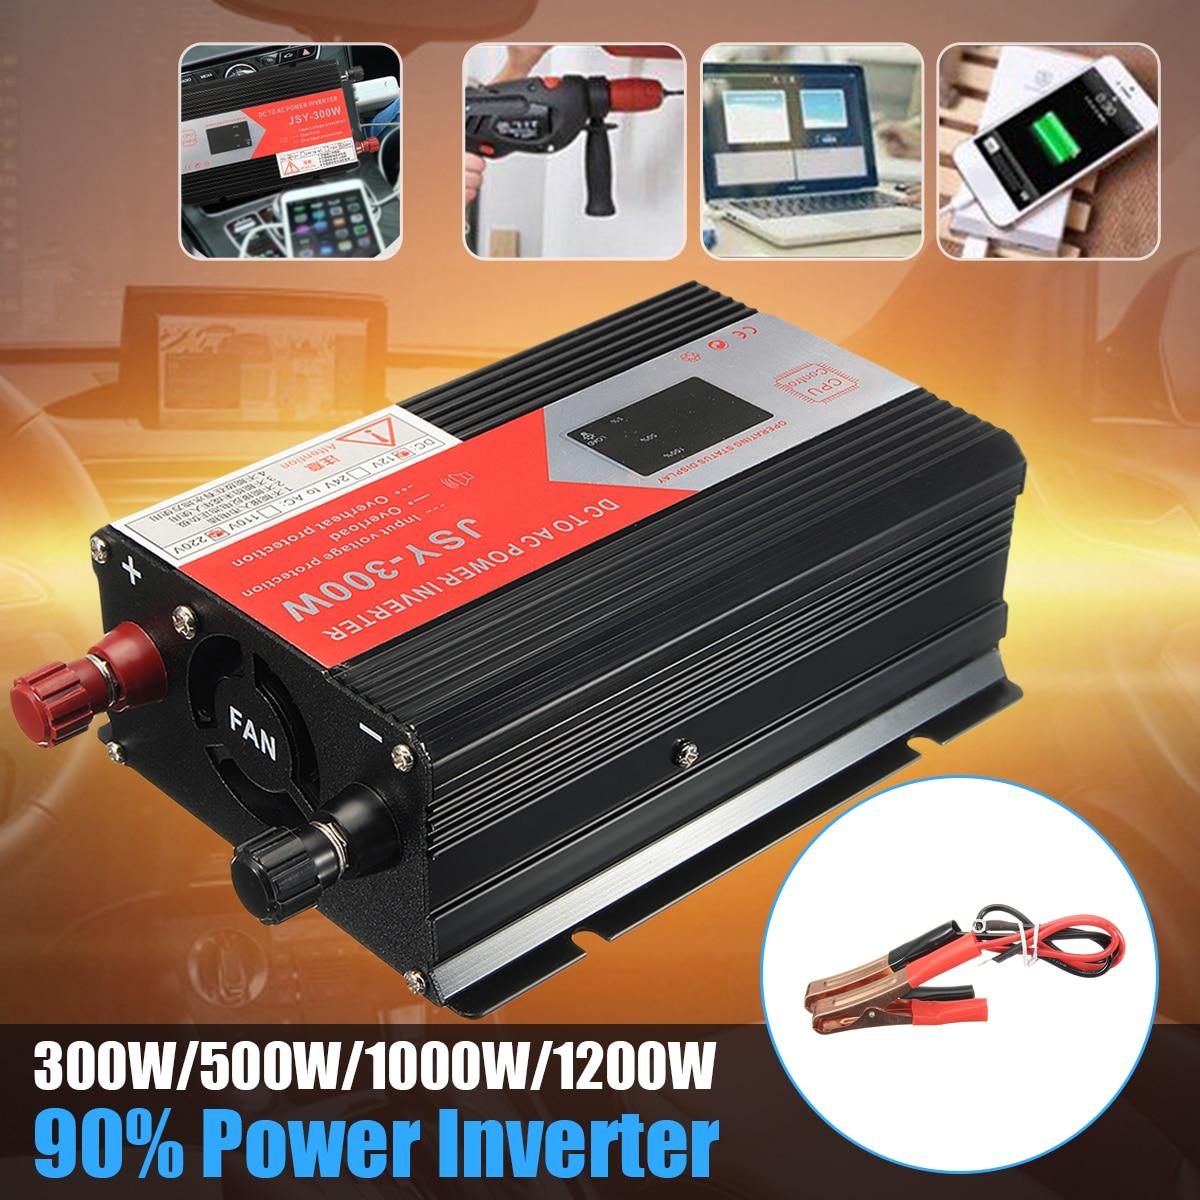 Sine Wave 1200W Car Inverter DC 12V To AC 220V Voltage Power Converter Adapter Charger Transformer Inversor 12V 220V